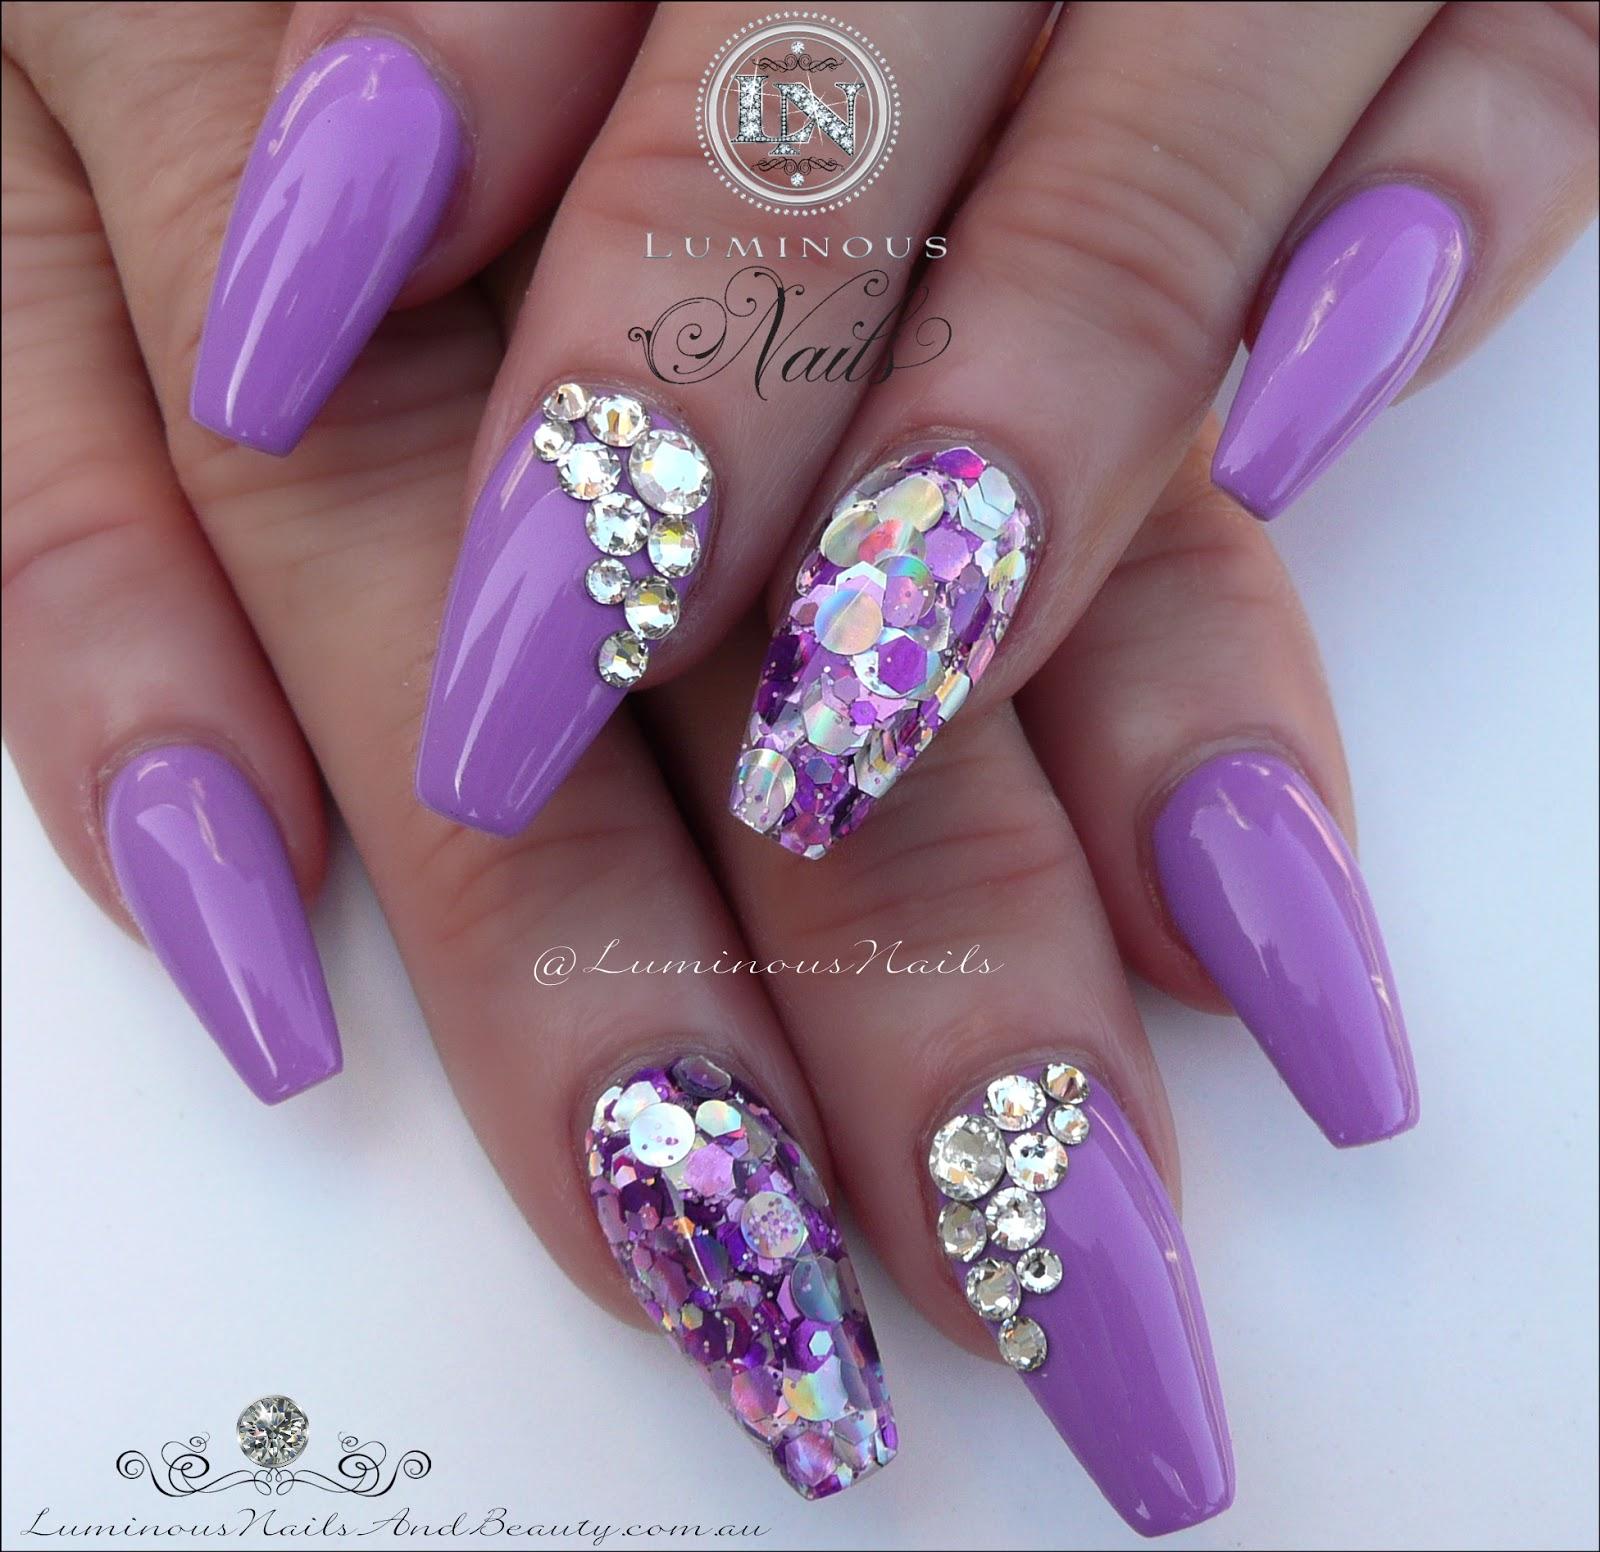 Luminous Nails Fuchsia Acrylic Nails